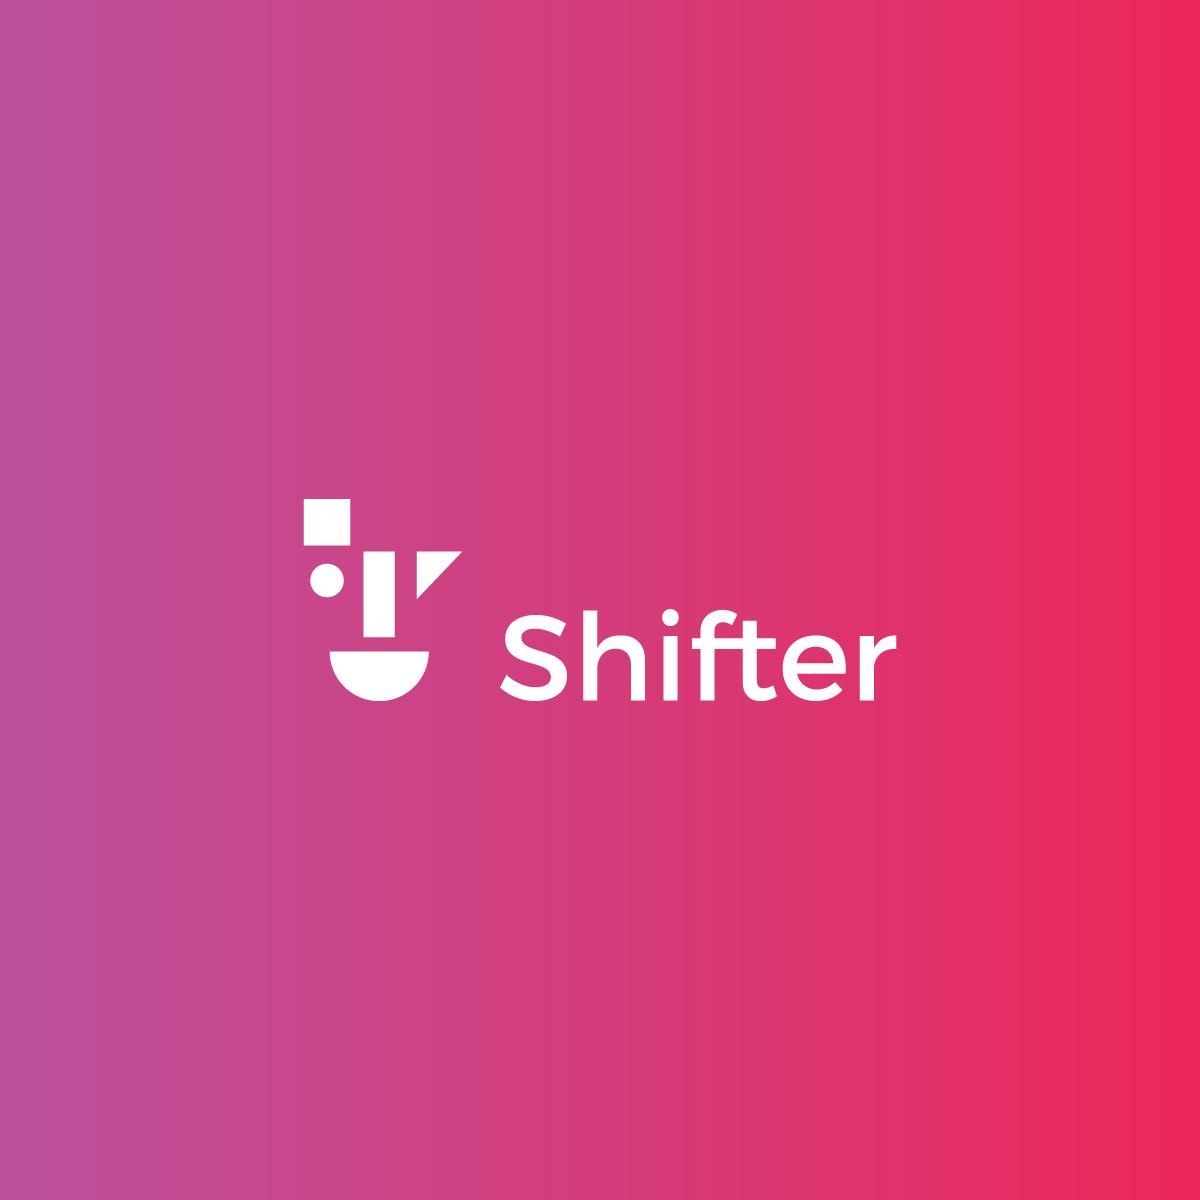 アイキャッチ画像:Shifter Headless で WordPress を Headless CMS として使う